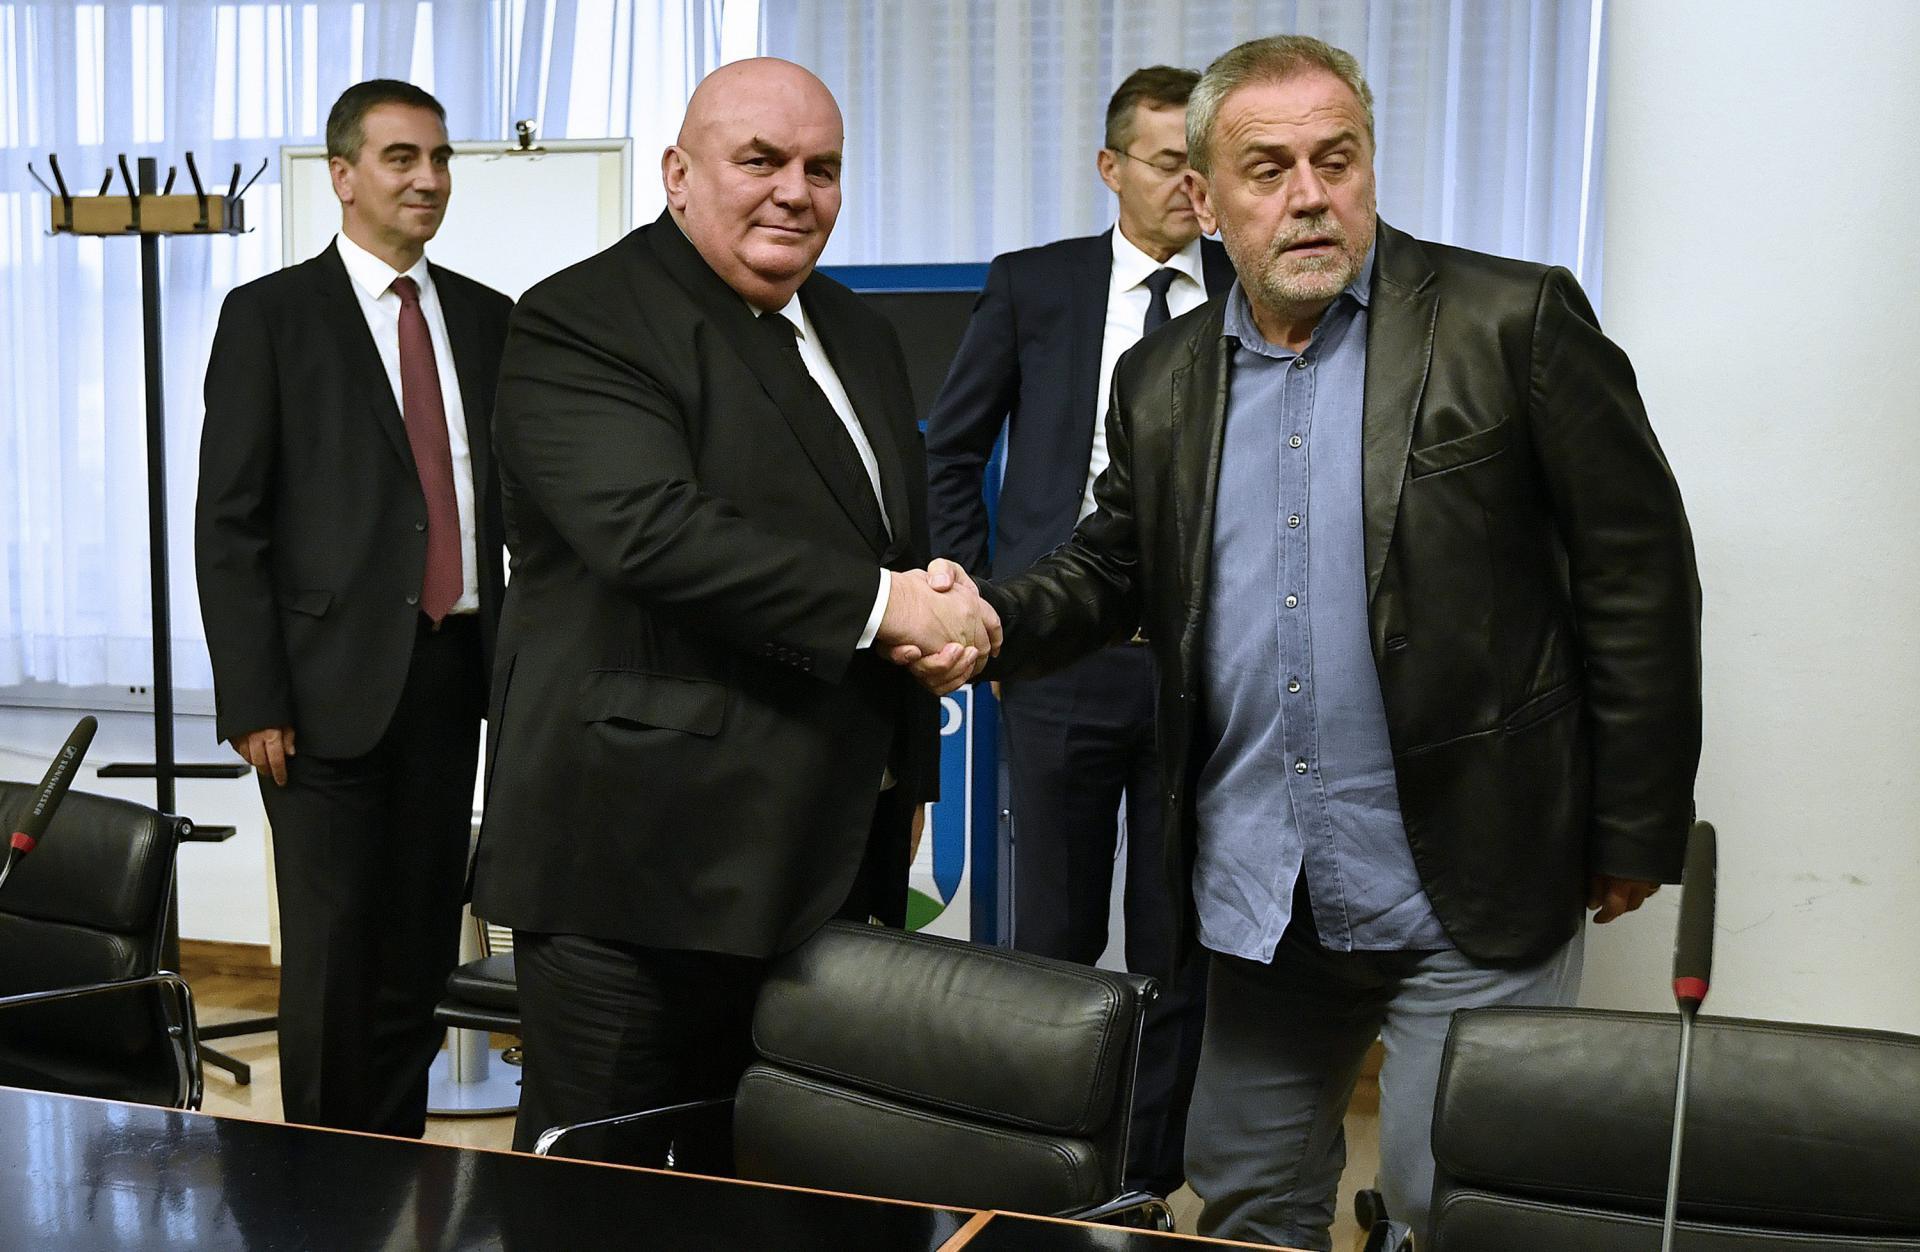 Srpski političar Palma poslao 'posthumno pismo' Bandiću: Danas sam čuo tužnu vijest da si preminuo, Ti i ja smo se sreli u Zagrebu...